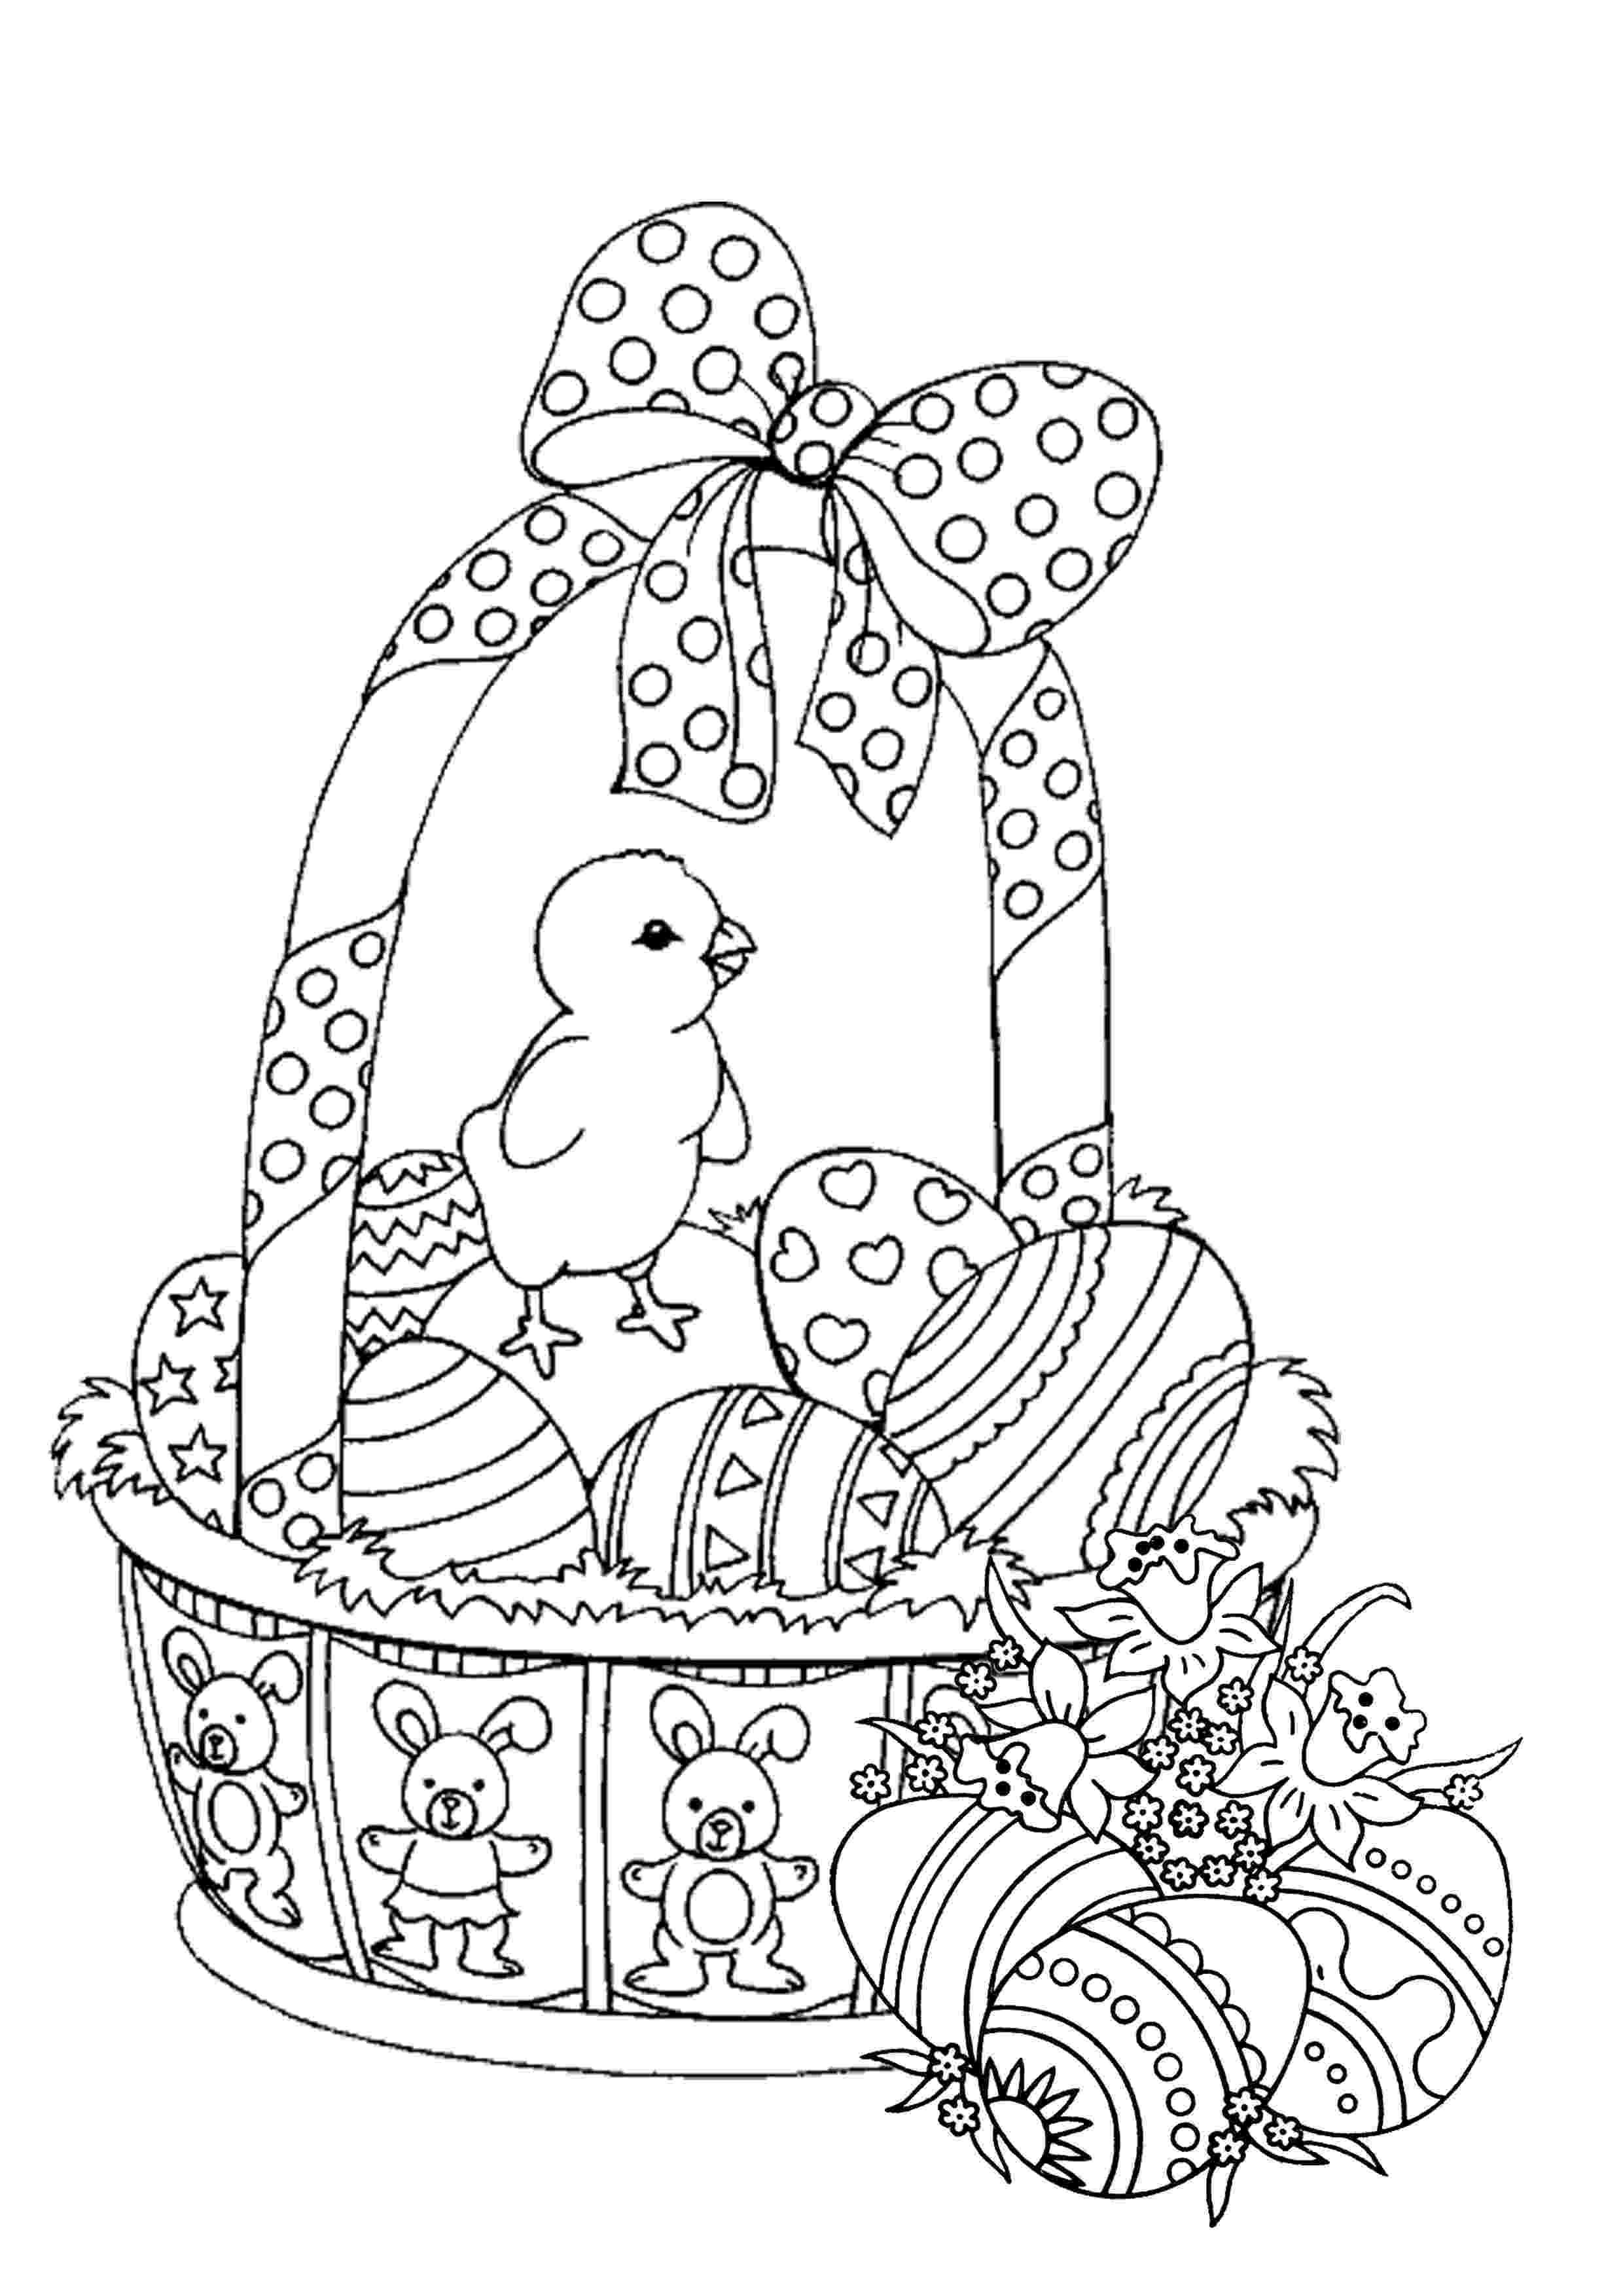 easter basket colouring easter basket coloring pages best coloring pages for kids colouring easter basket 1 3